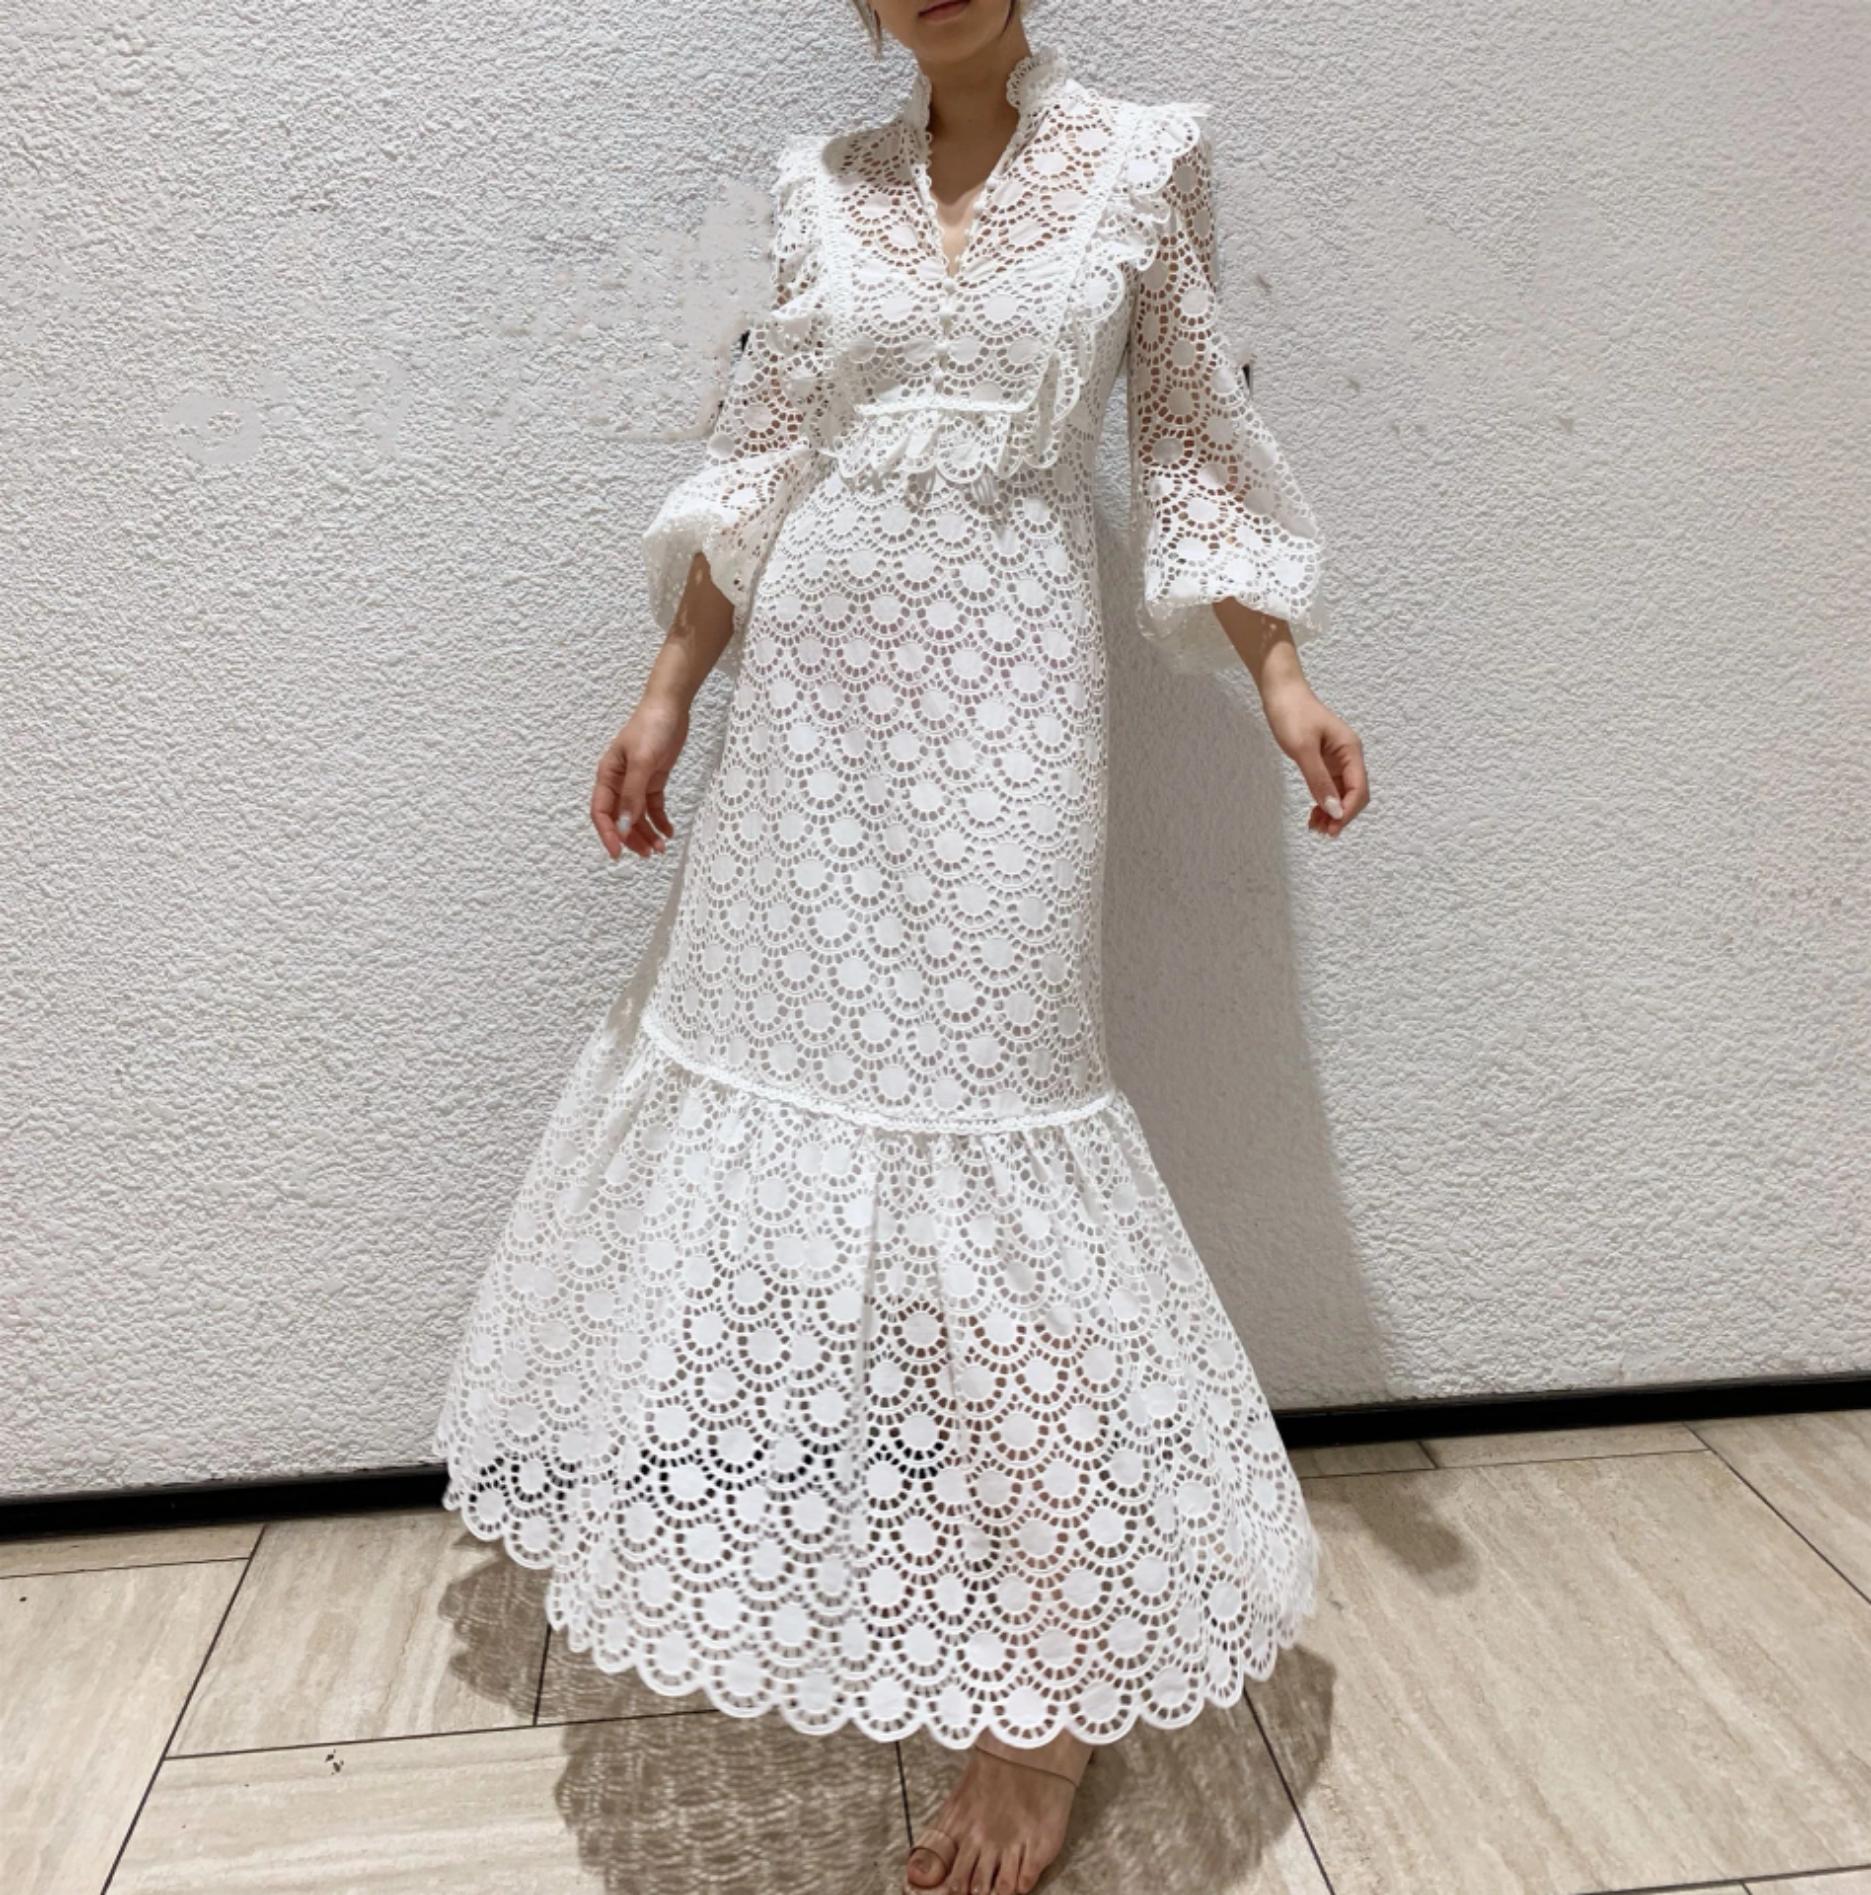 hochwertige neue weiße schwere branche stickerei nähen spitze stehkragen  hohe taille hohl langärmliges 2-teiliges kleid